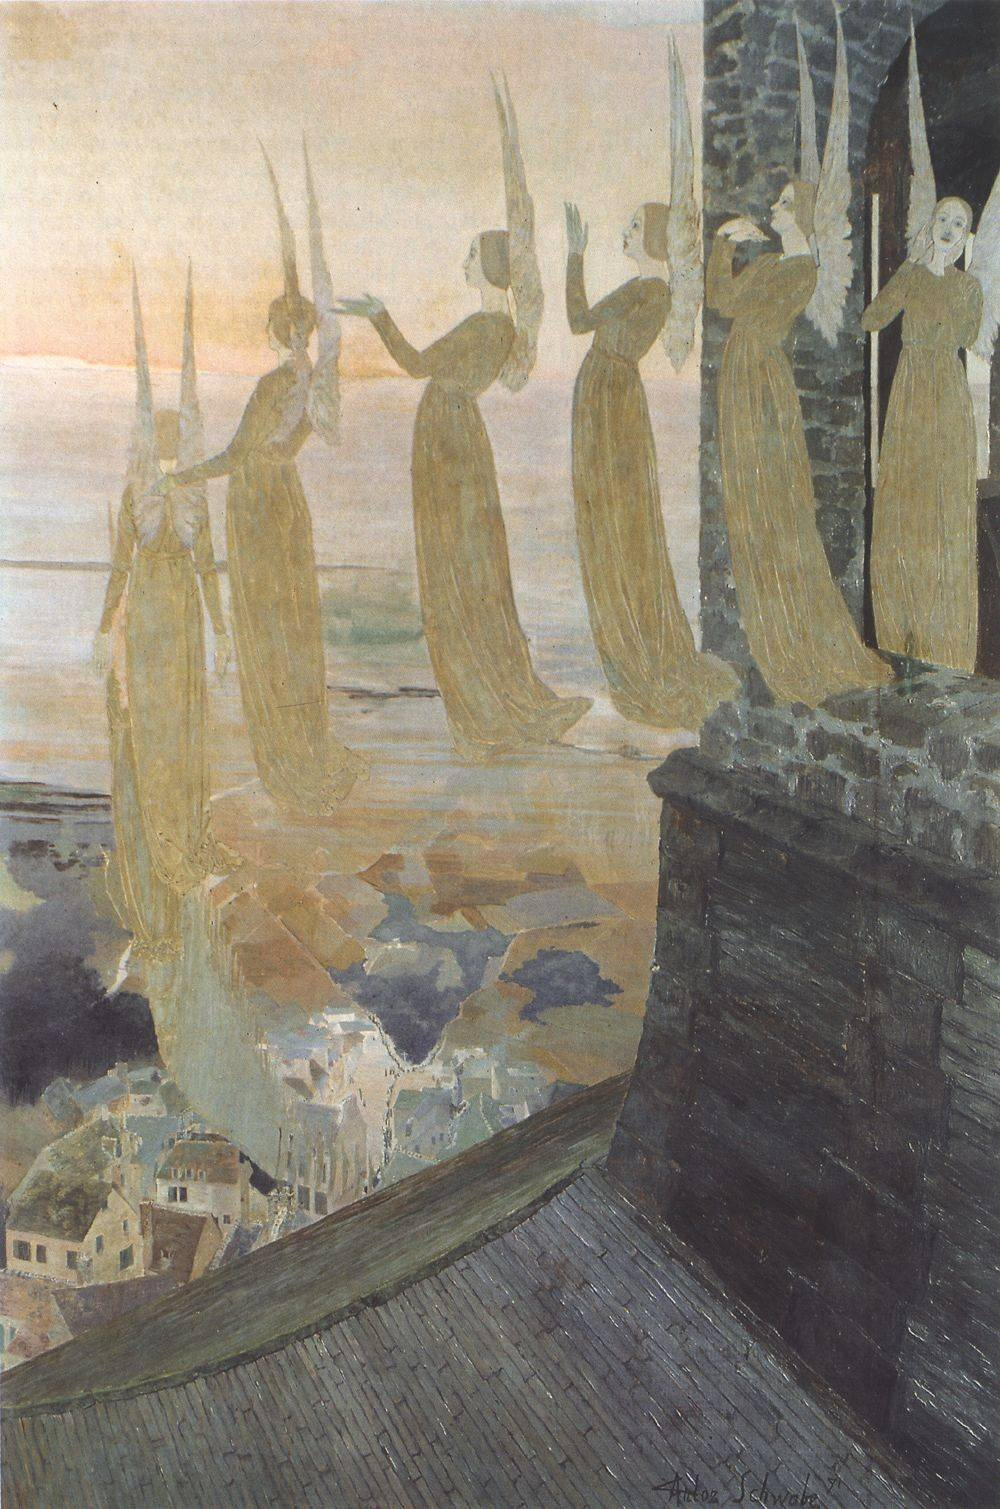 Carlos Schwabe. Evening bells. 1891